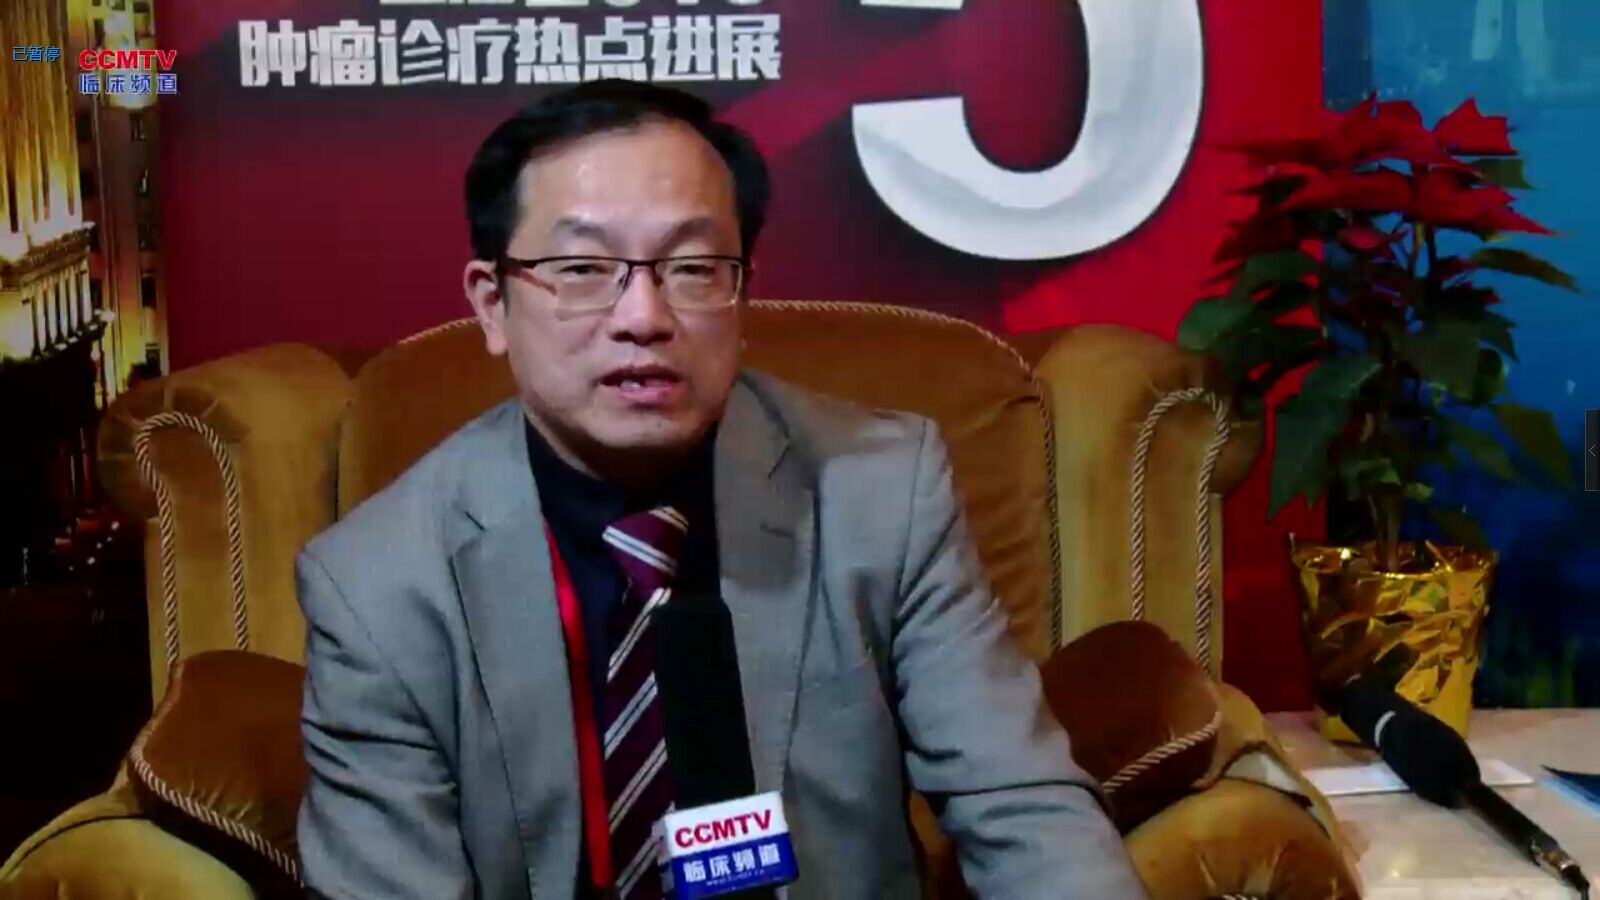 医政 多点执业 王理伟:开放多点执业的同时需加强管理